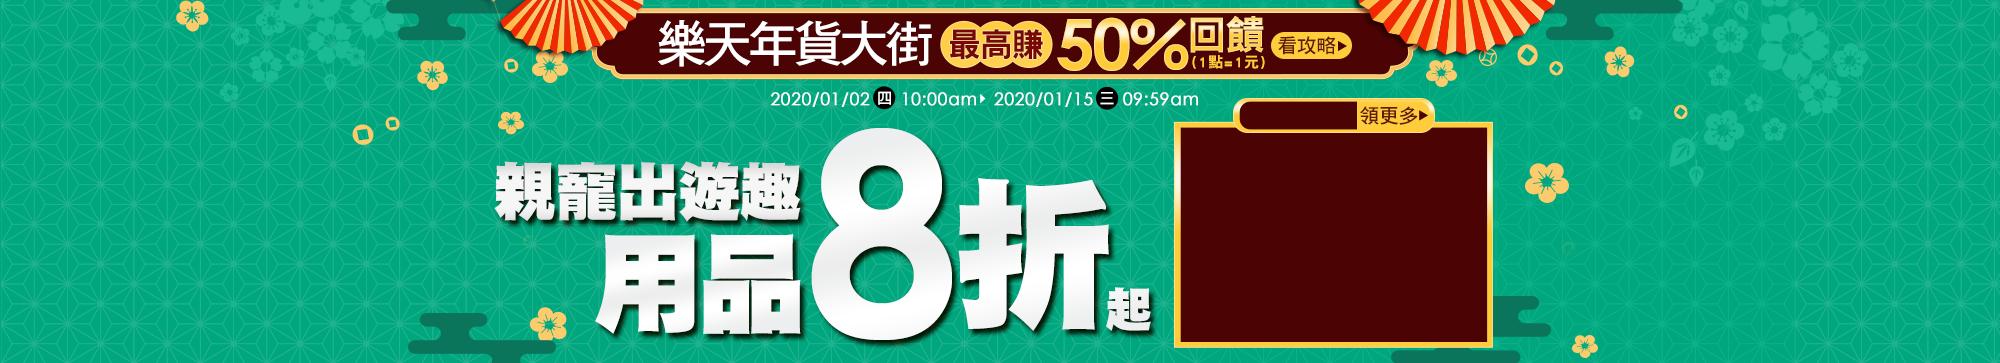 樂天年貨大街:婦幼寵物用品8折起,最高再賺50%回饋